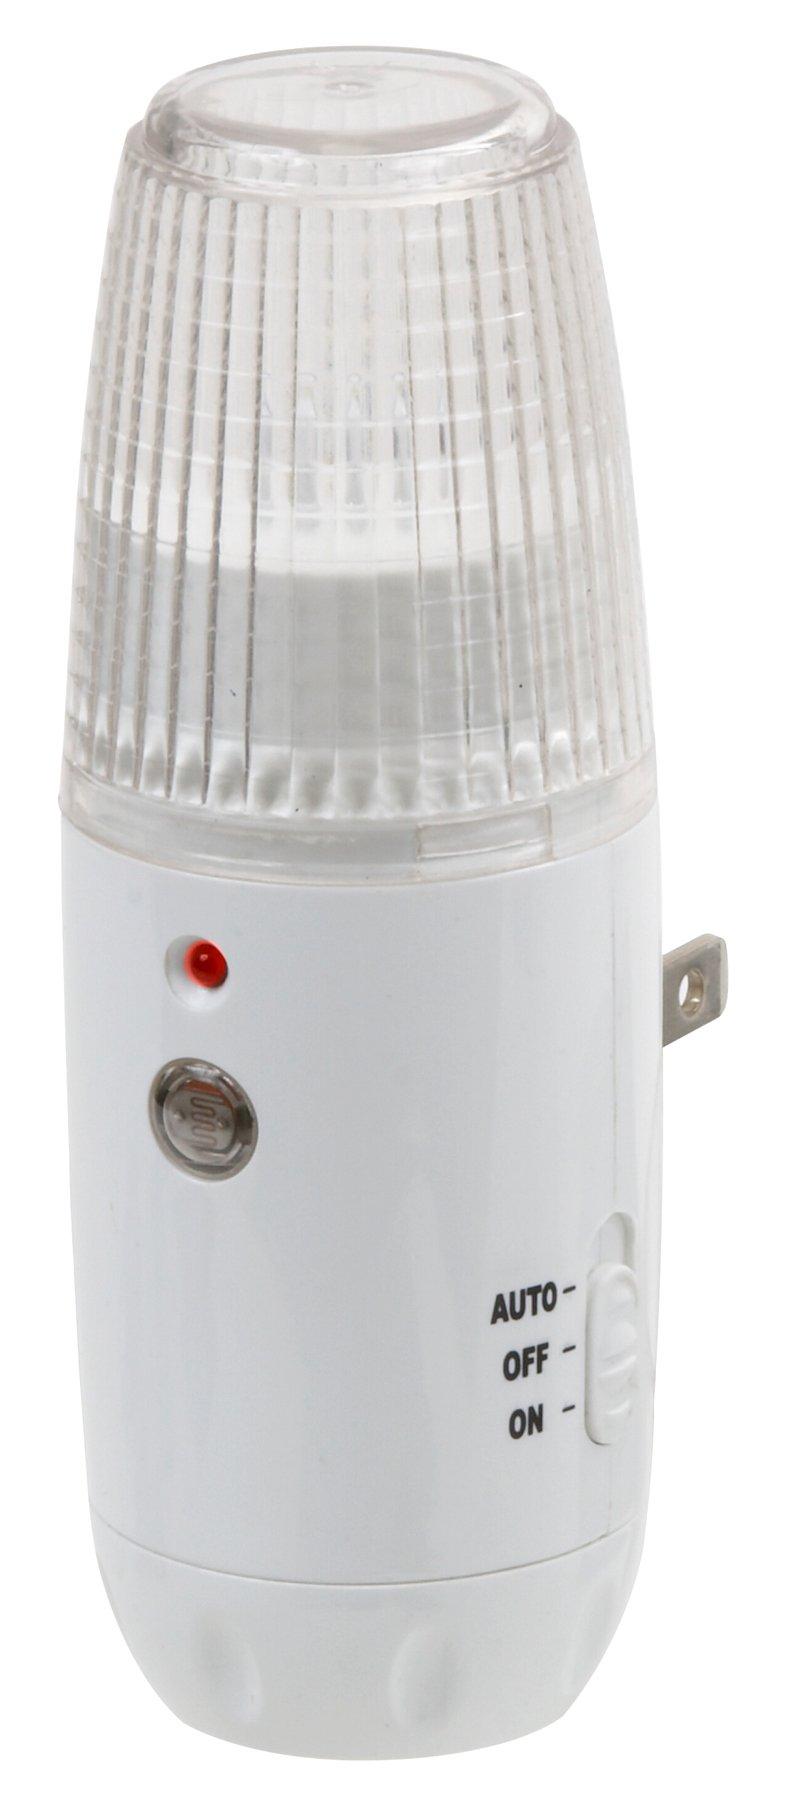 AmerTac 71138CC Rechargeable Power Failure Lite